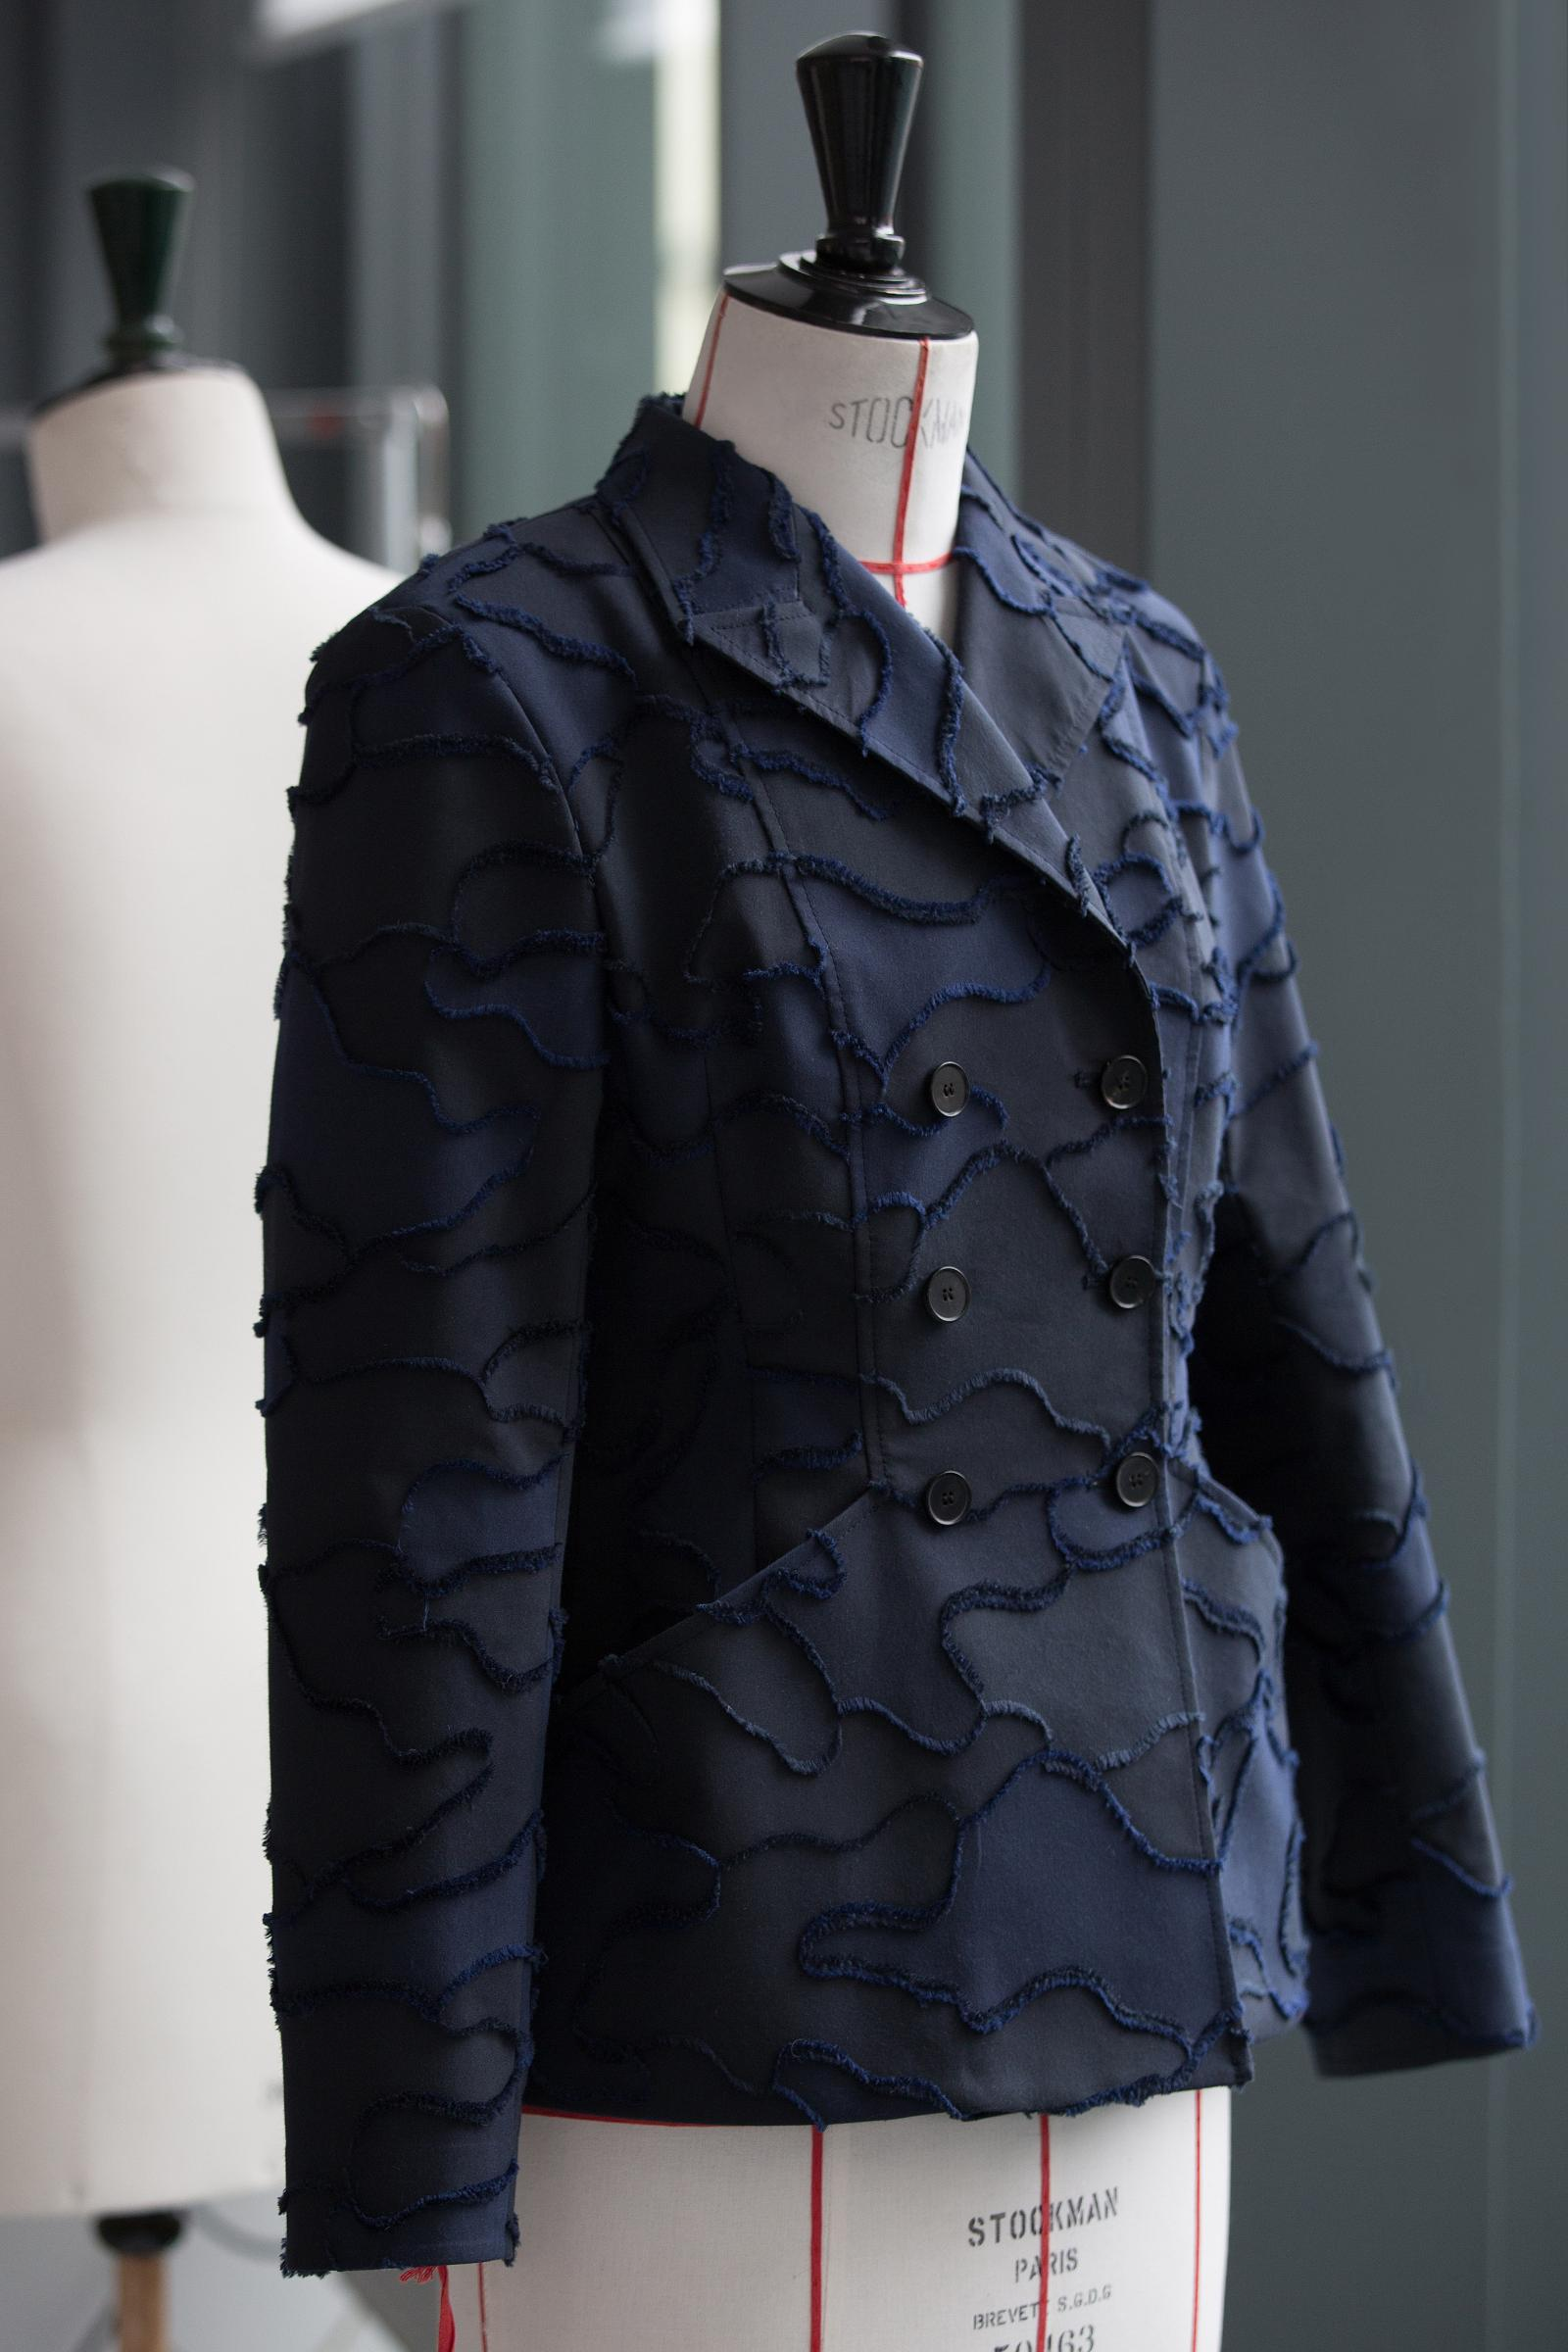 Камуфляж haute couture: Dior выпустил обновленную версию легендарного жакета-бар